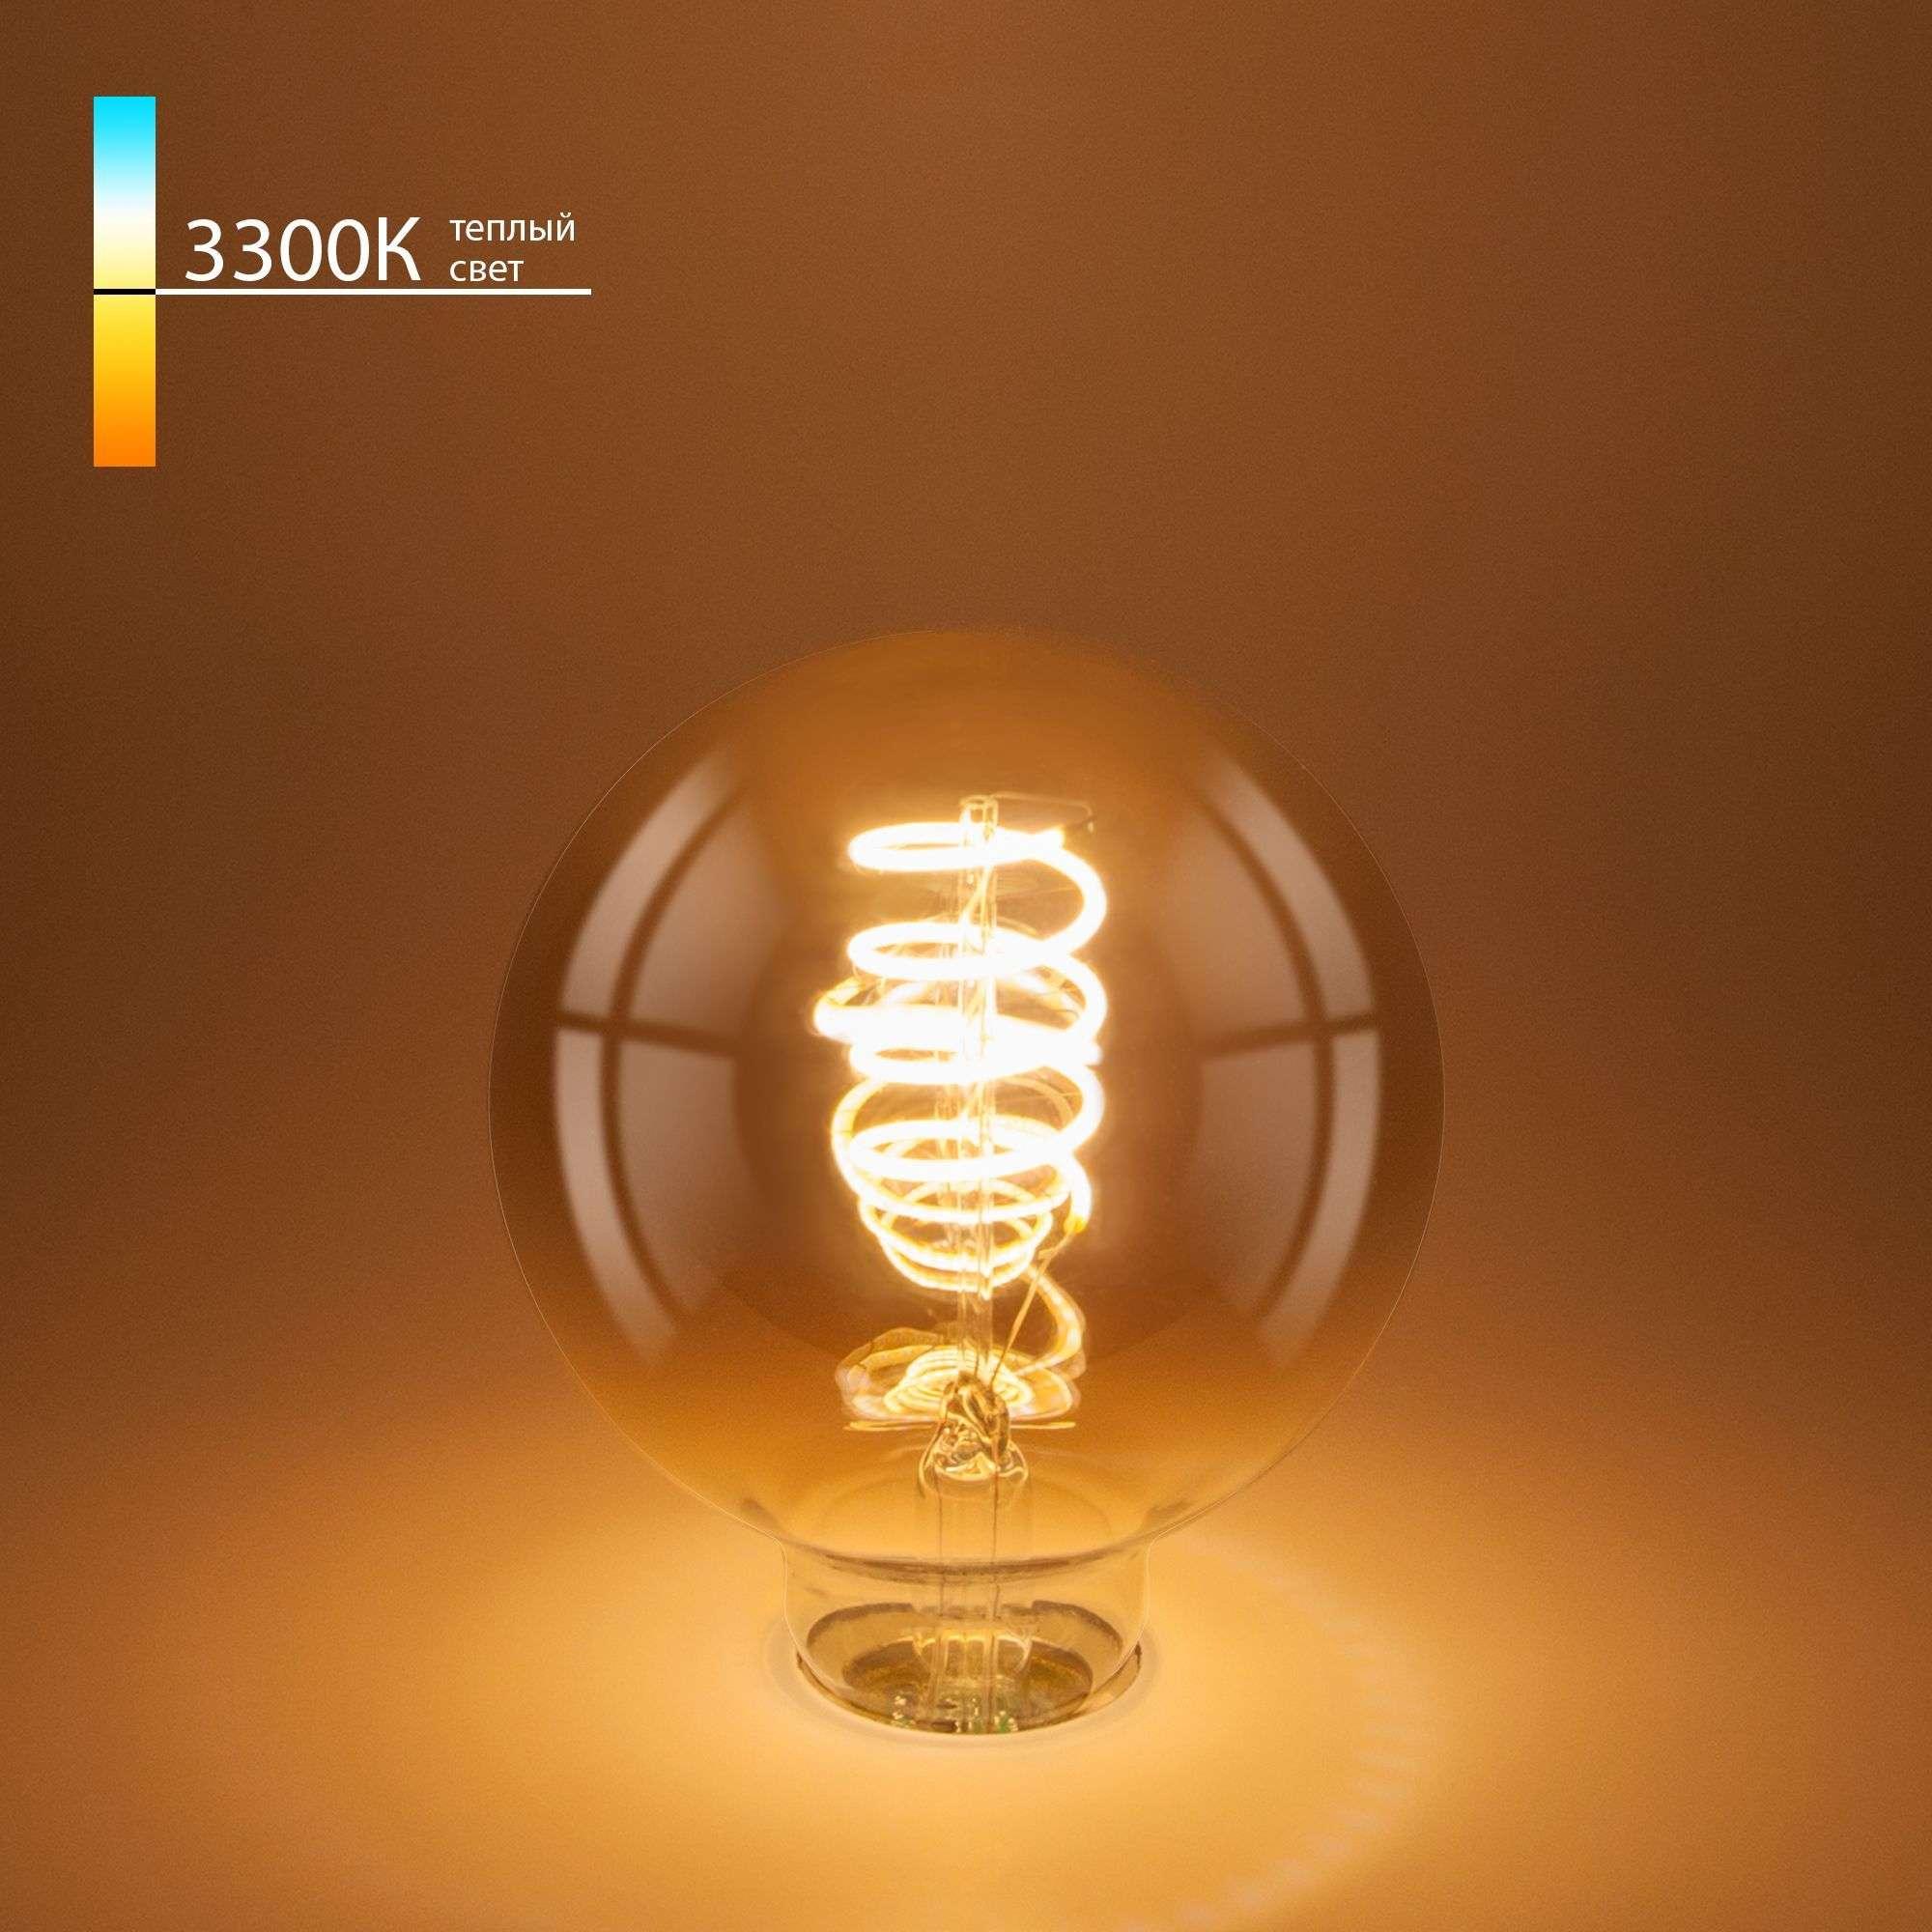 Филаментная светодиодная лампа G95 8W 3300K E27 Classic FD 8W 3300K E27